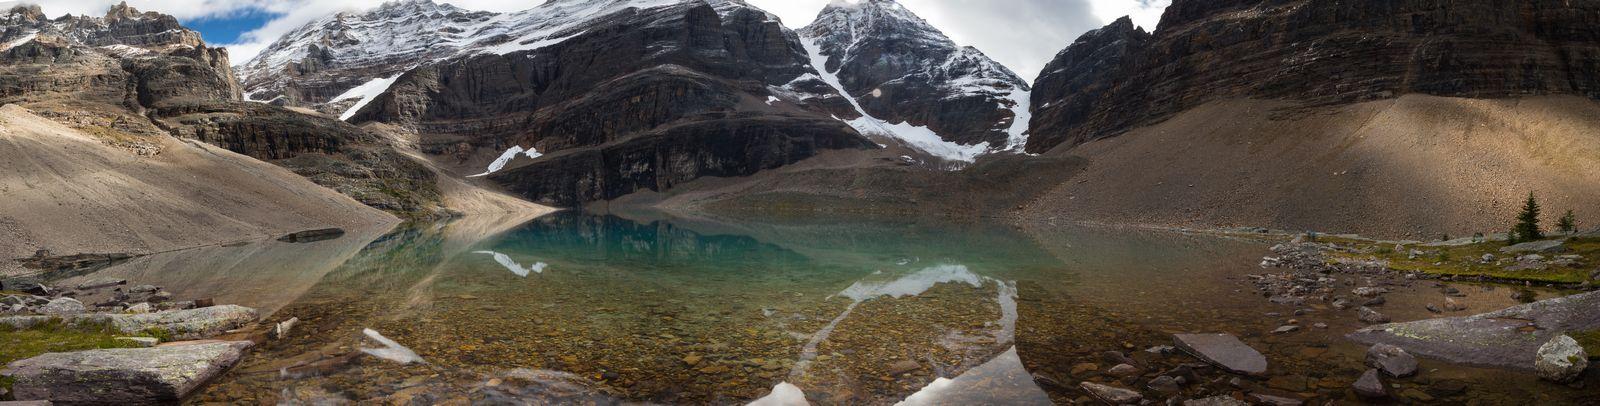 Lake Oesa, omitiendo el sonido de mandíbula desencajada